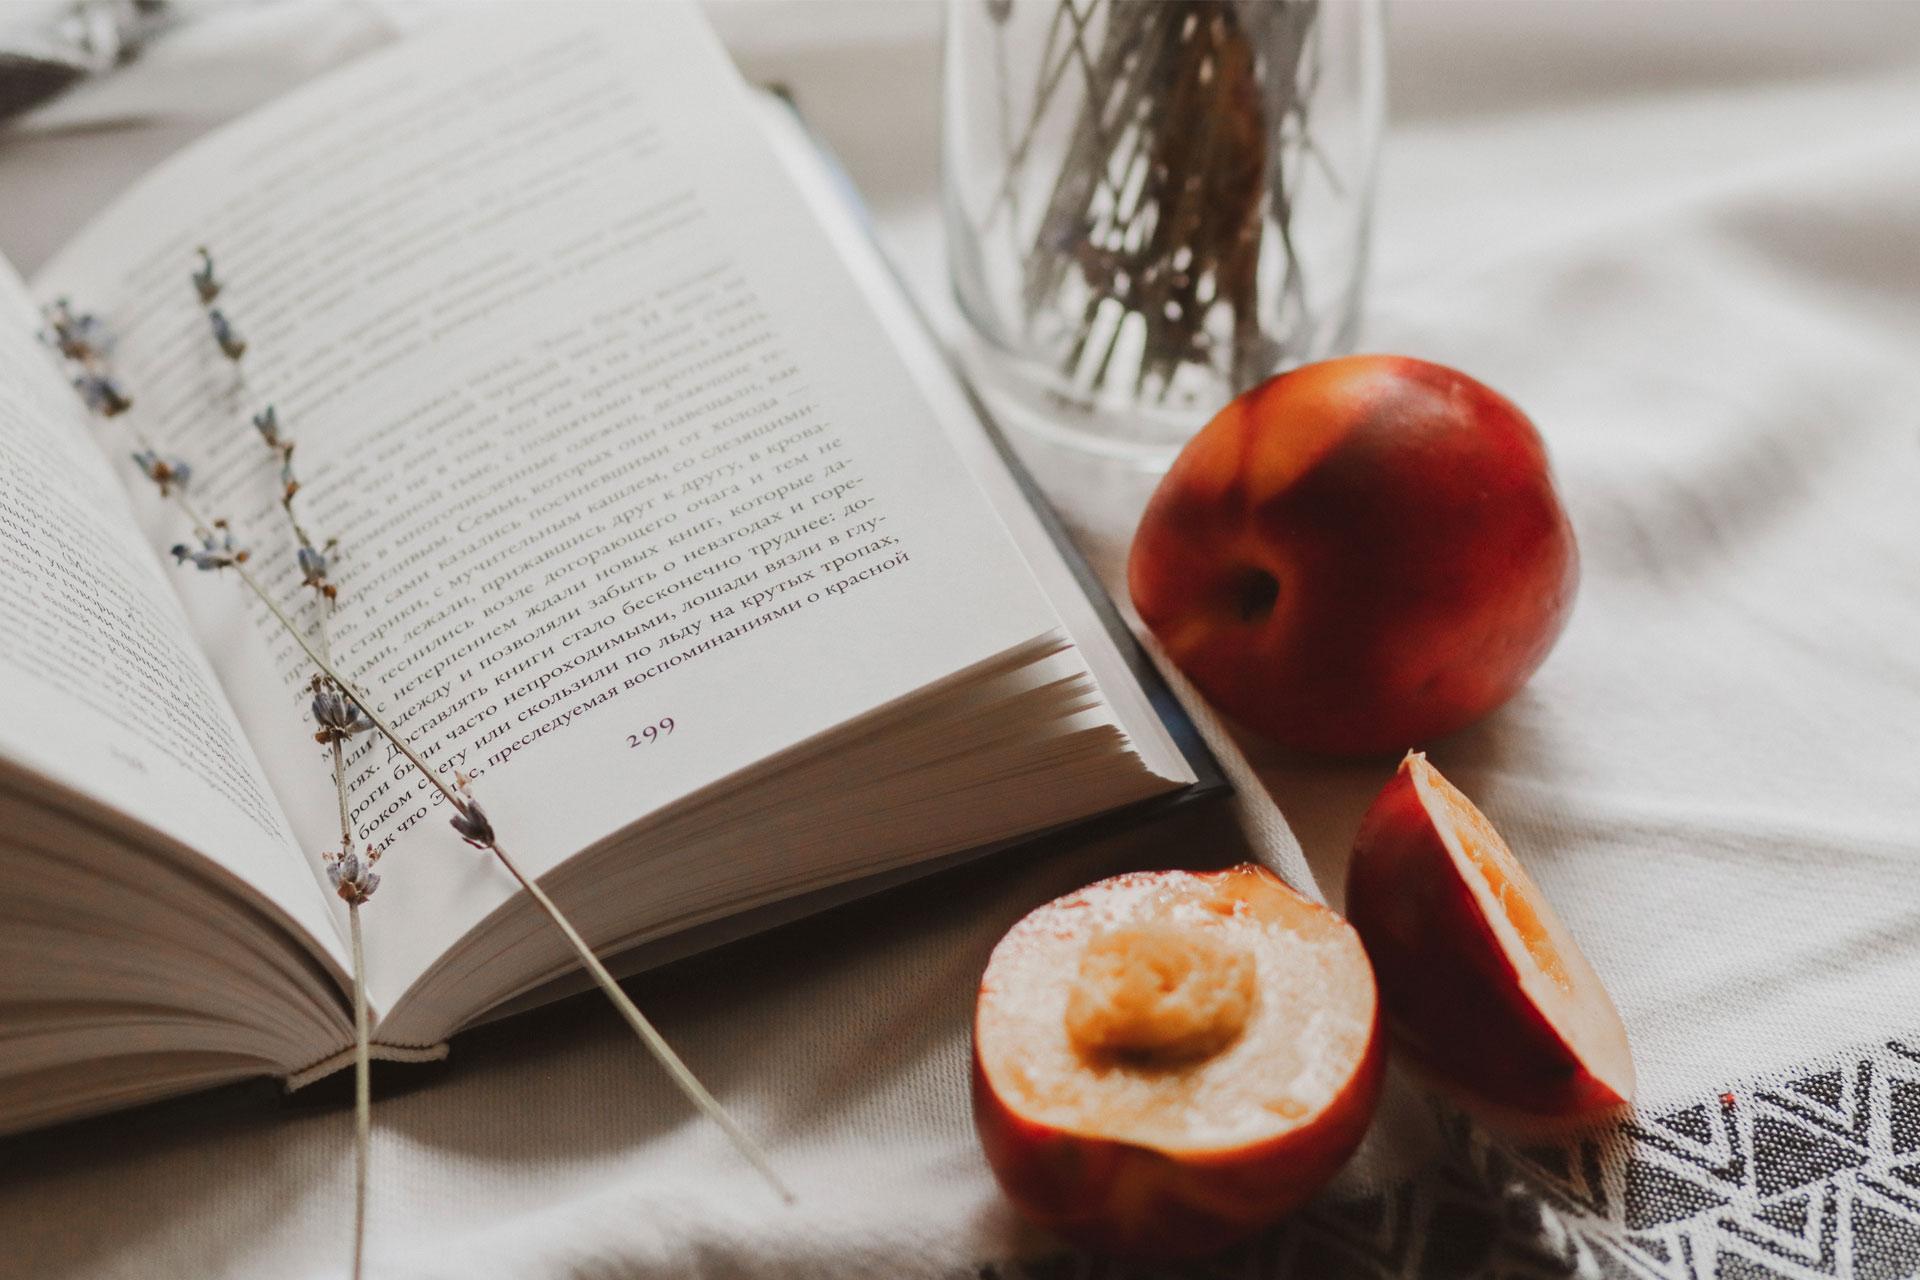 Versos gastronómicos: no dejes escapar ningún ingrediente